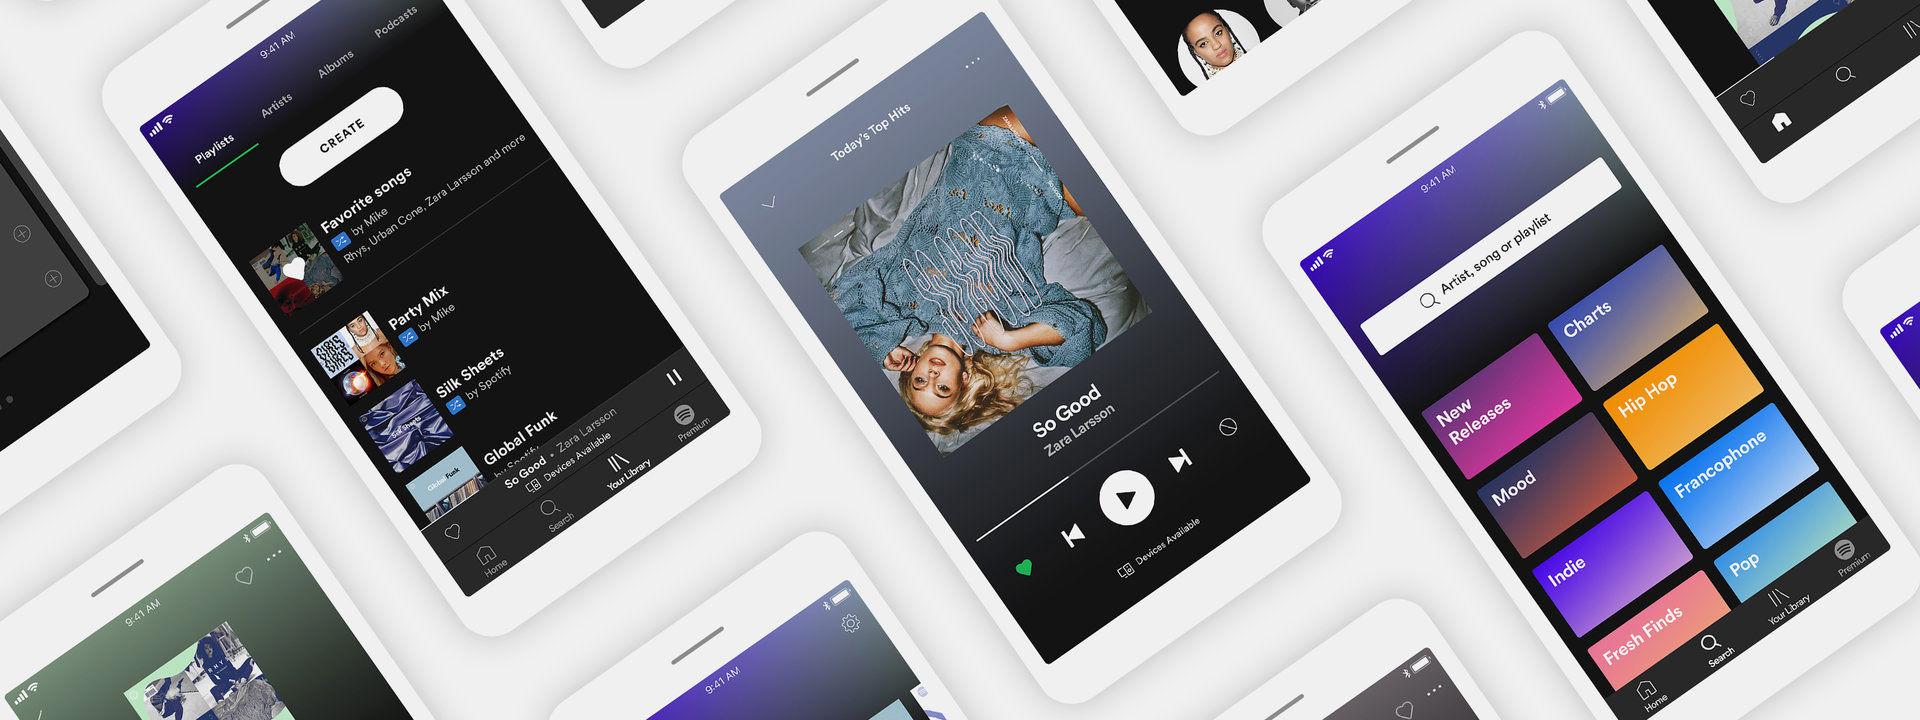 Spotify utökar sin gratisversion